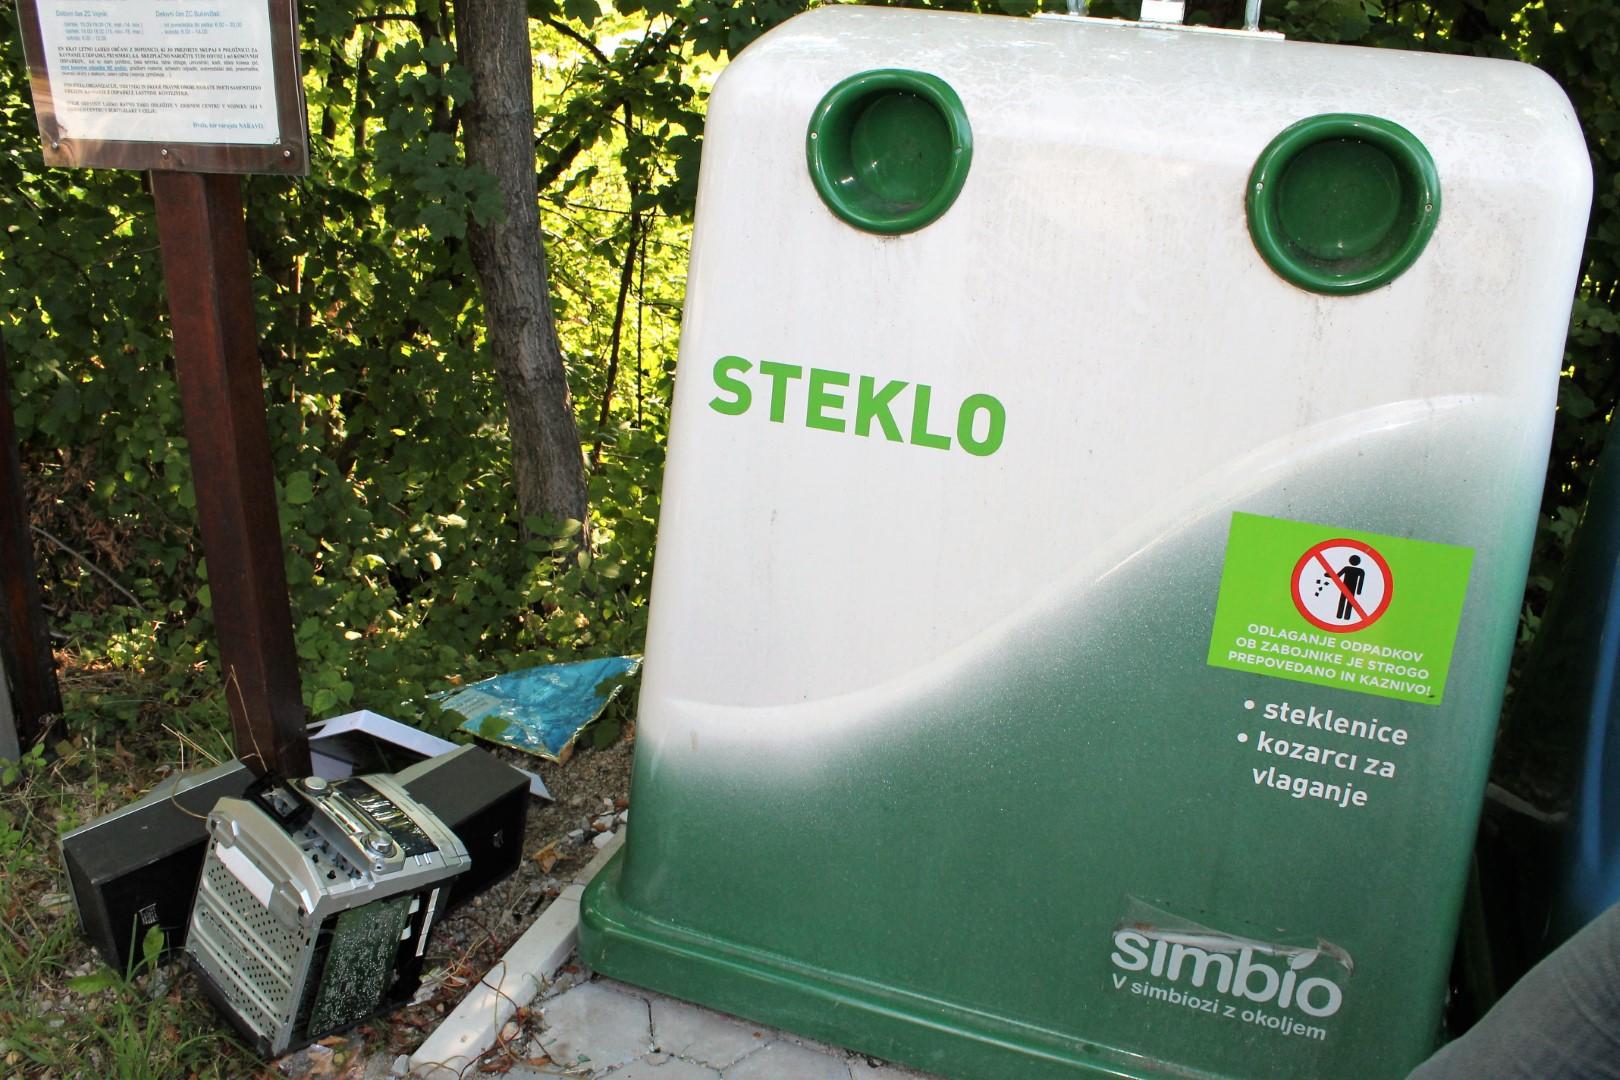 Kljub tabli ni nalepki o prepovedi odlaganja odpadkov ob zabojnike smo našli kup kosovnih odpadkov okoli otoka.